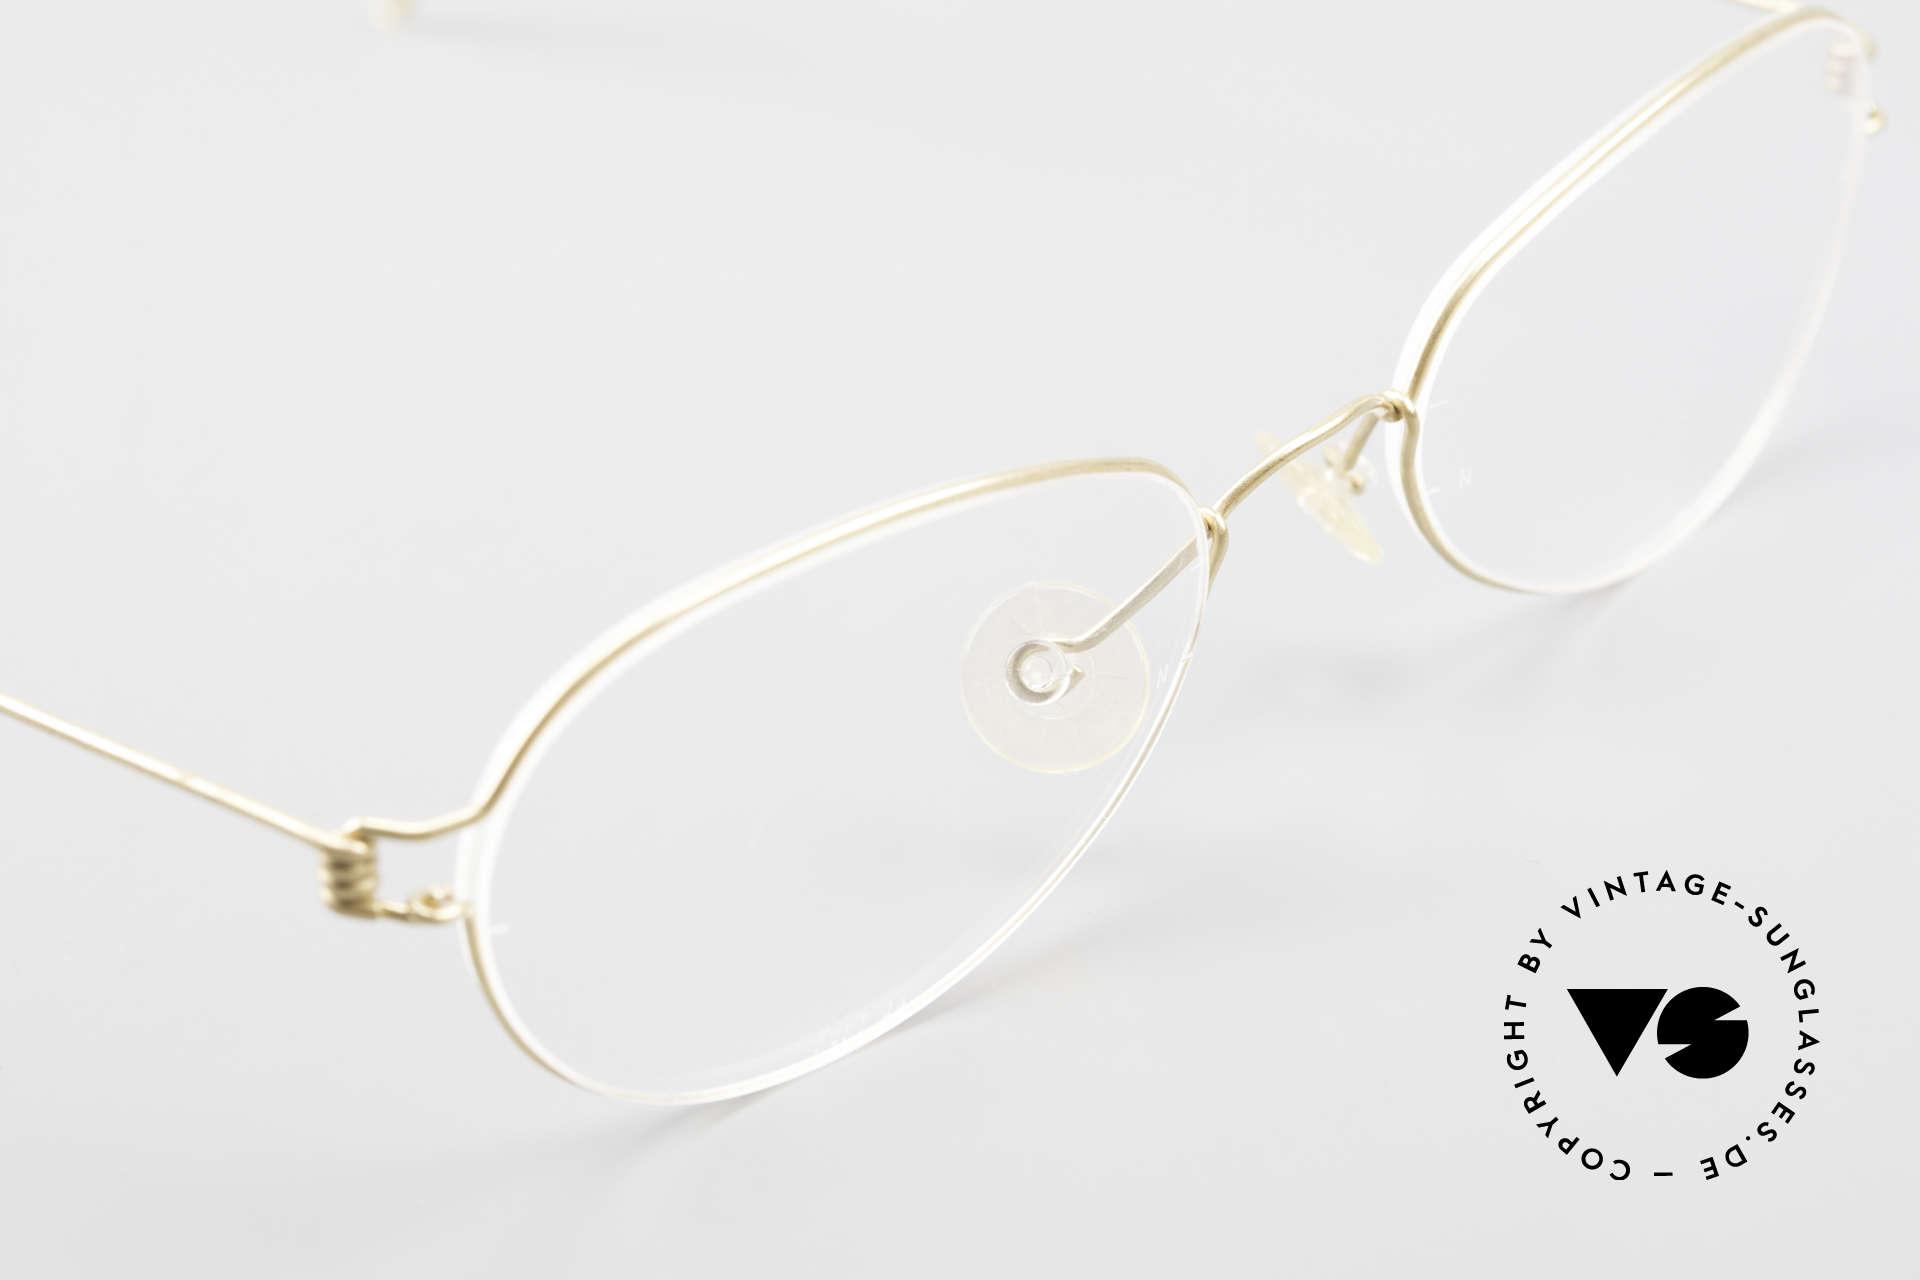 Lindberg Kari Air Titan Rim Titanium Ladies Eyeglasses, Size: small, Made for Women